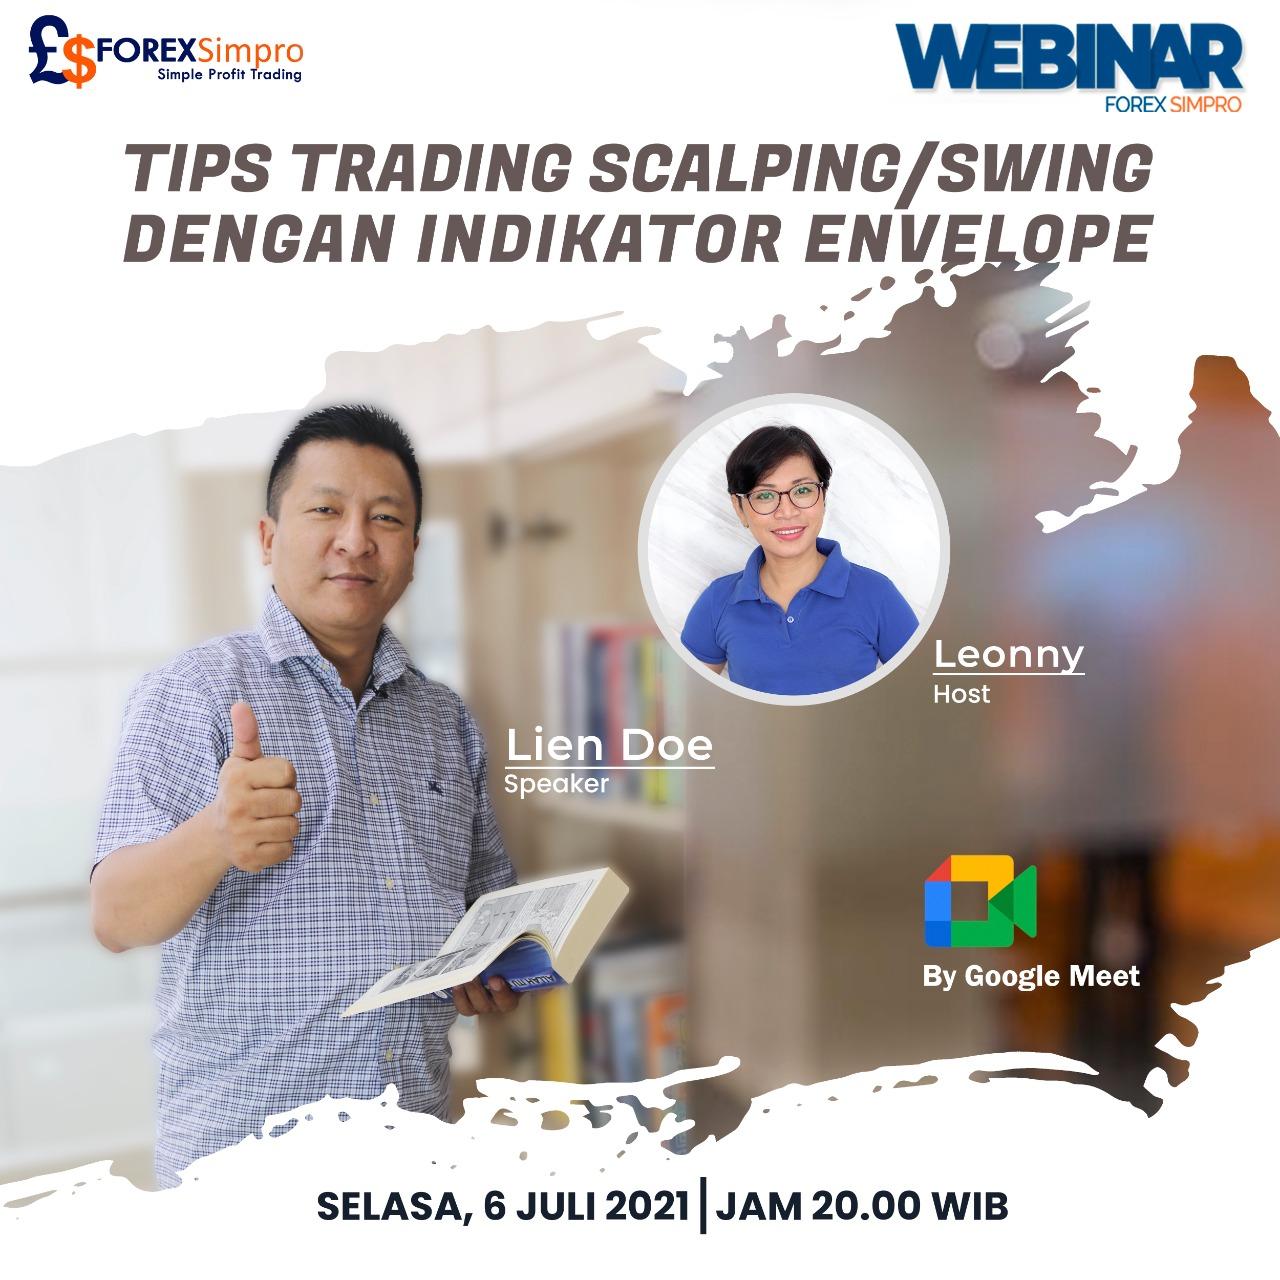 Webinar Tips Trading Scalping/Swing dengan Indikator Envelope